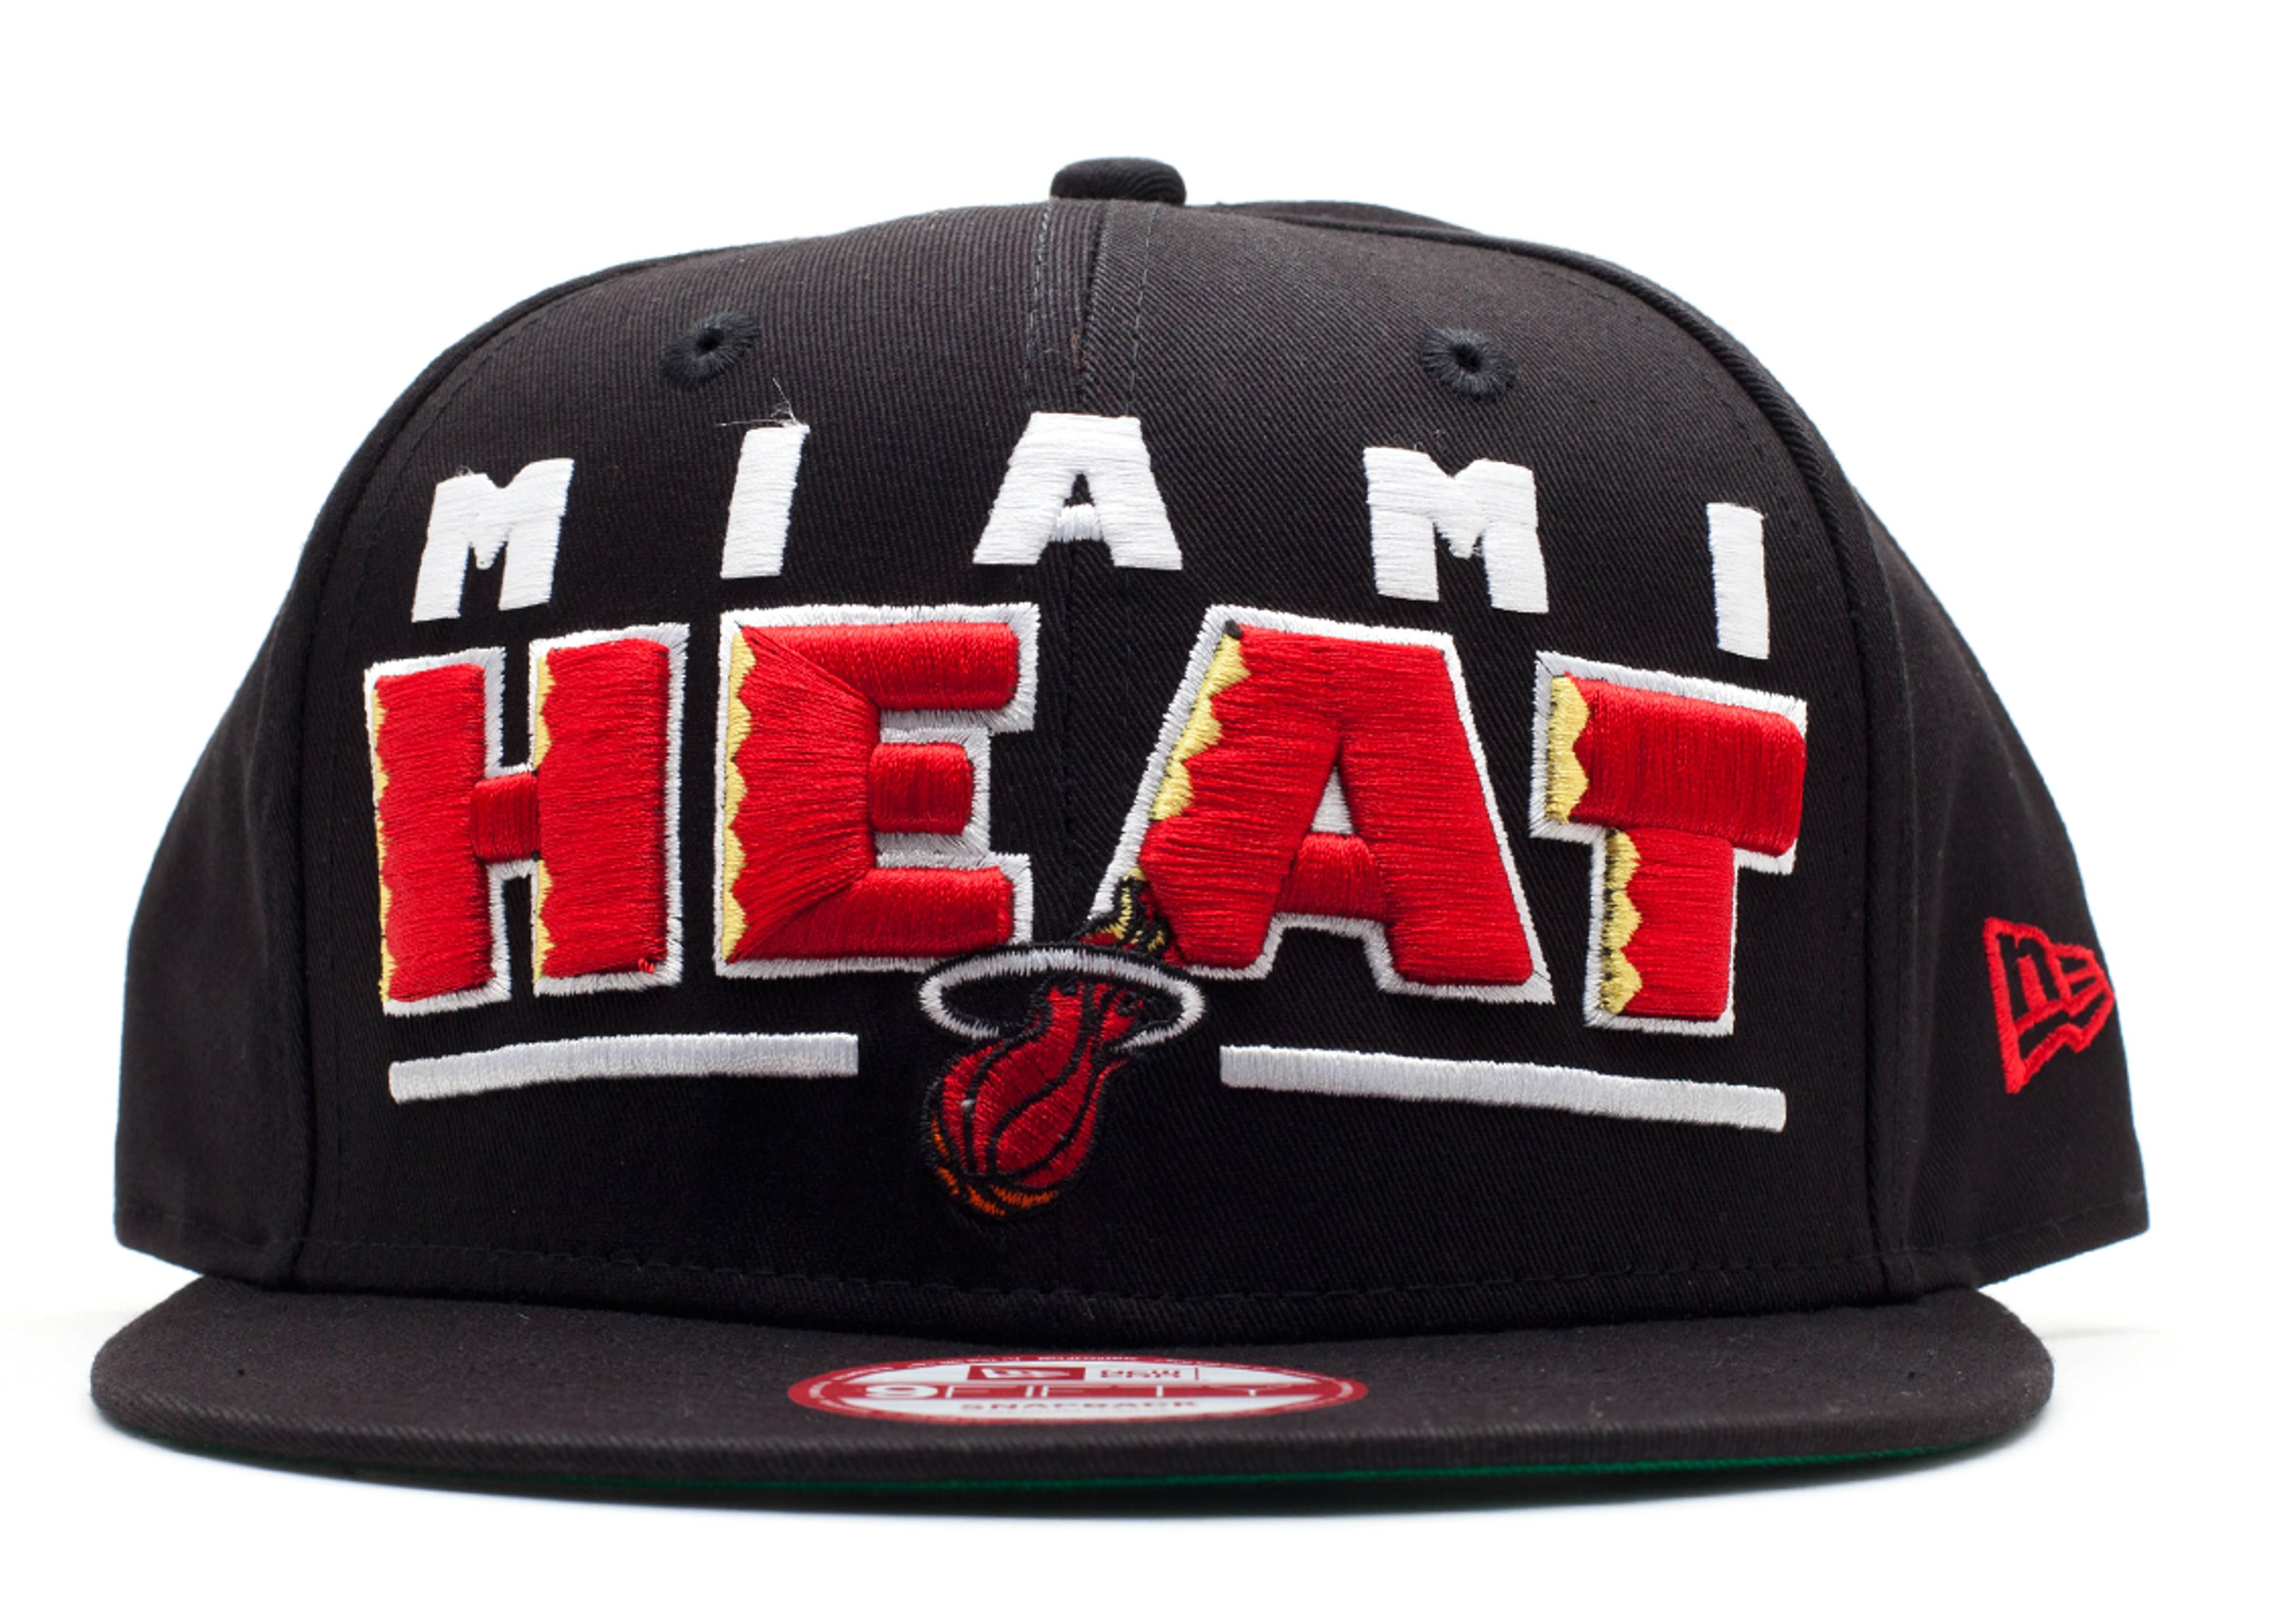 miami heats snap-back